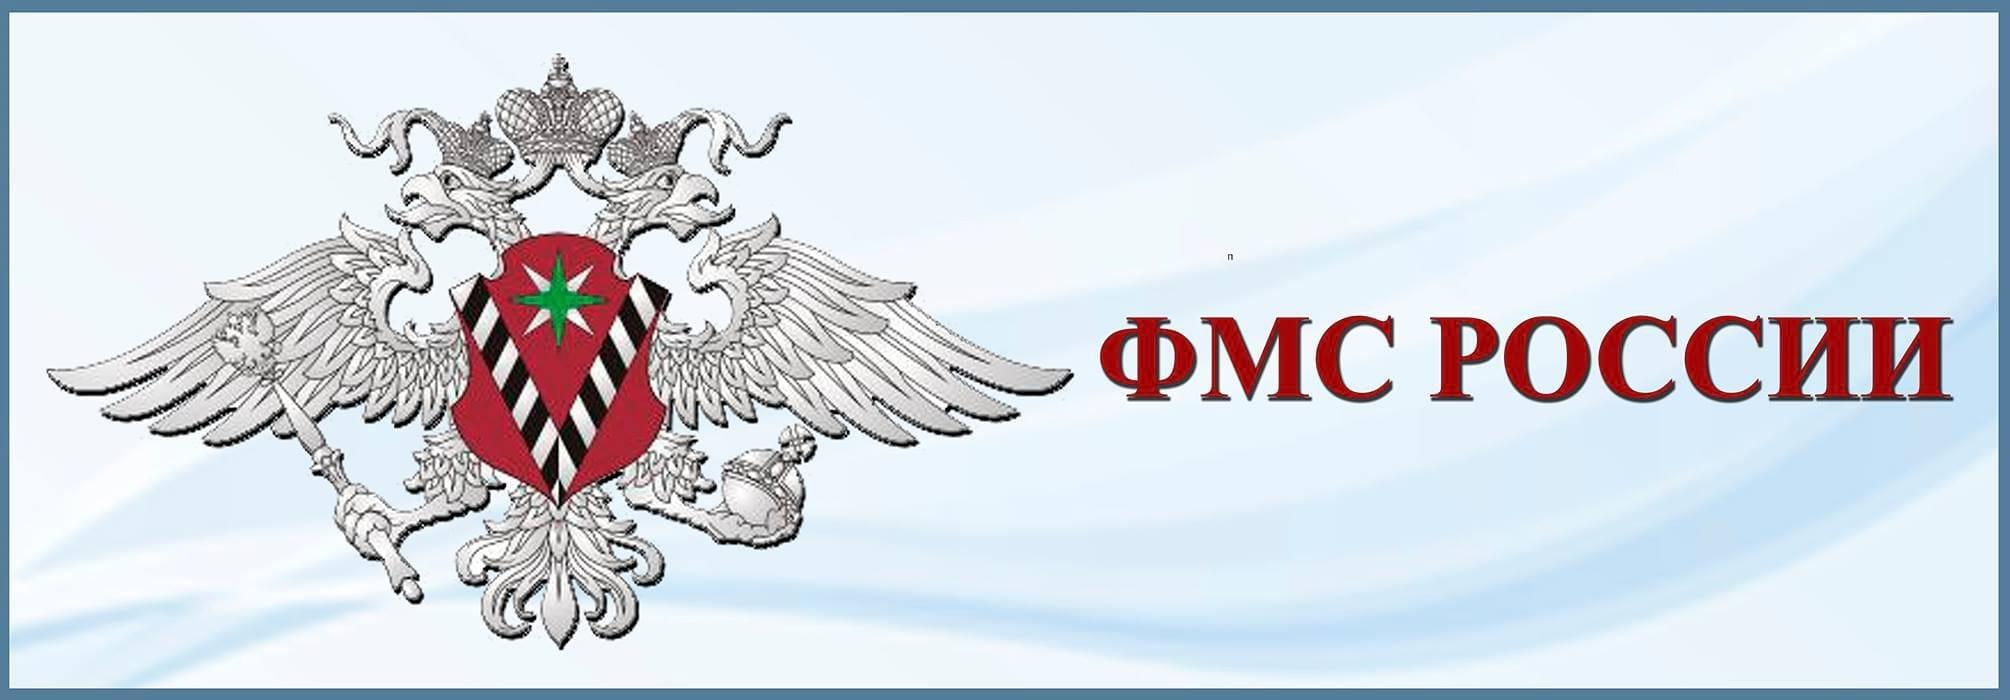 День работников Федеральной миграционной службы (ФМС, УФМС )